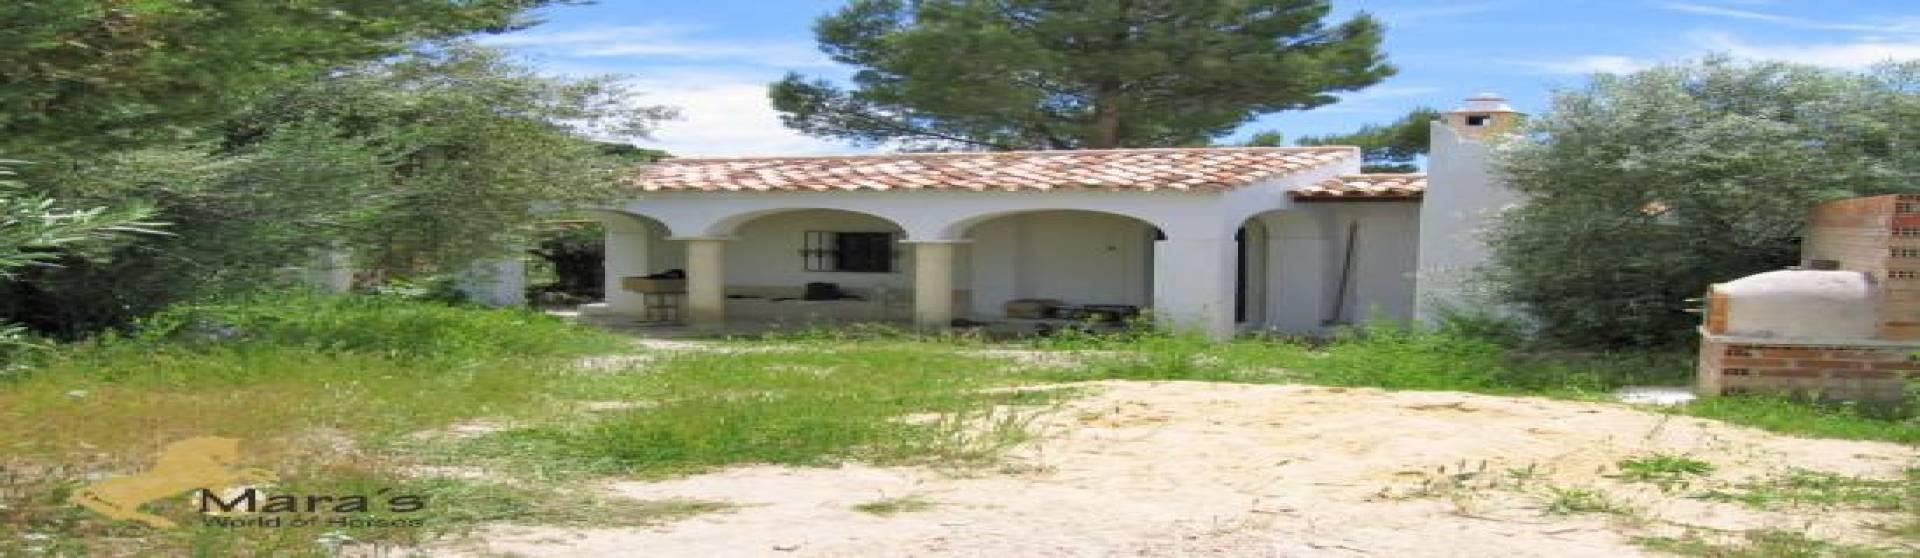 2 Schlafzimmer, Villa, zu verkaufen, Listing ID 1181, Algodonales, Andalusien, Spanien, 11680,